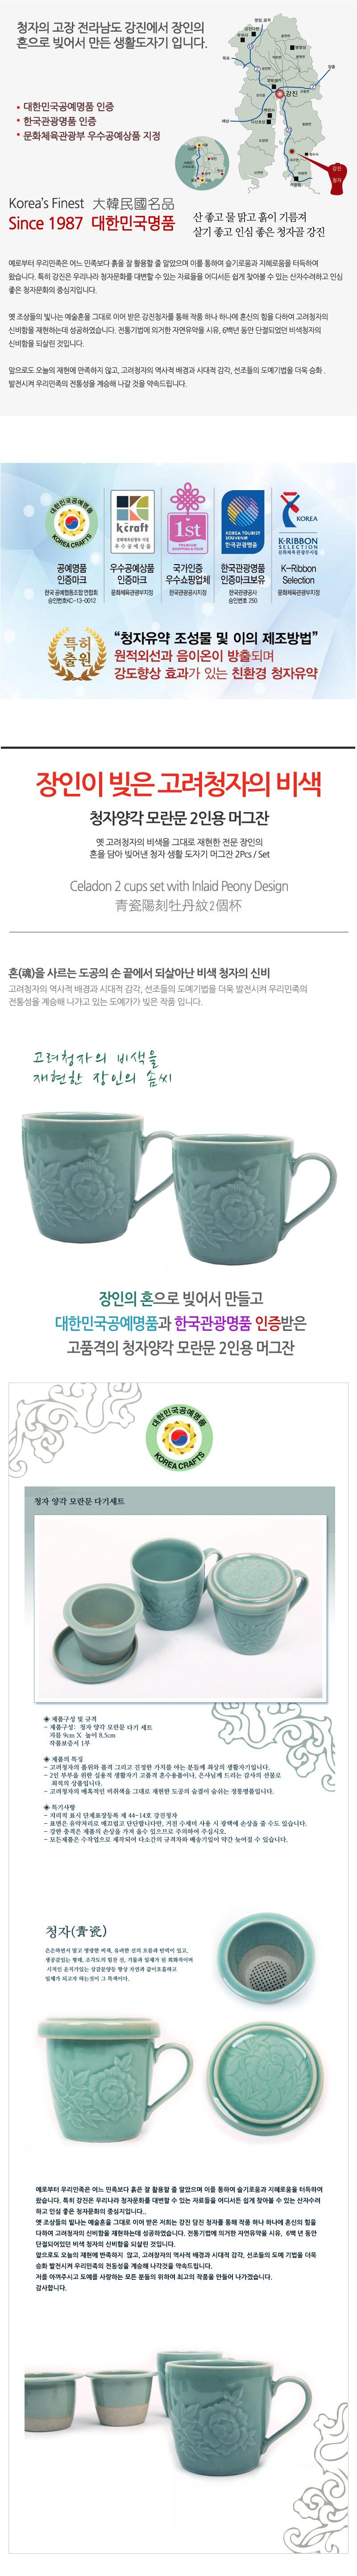 강진탐진청자 청자양각 모란문 손잡이 머그잔(2인용) 소개